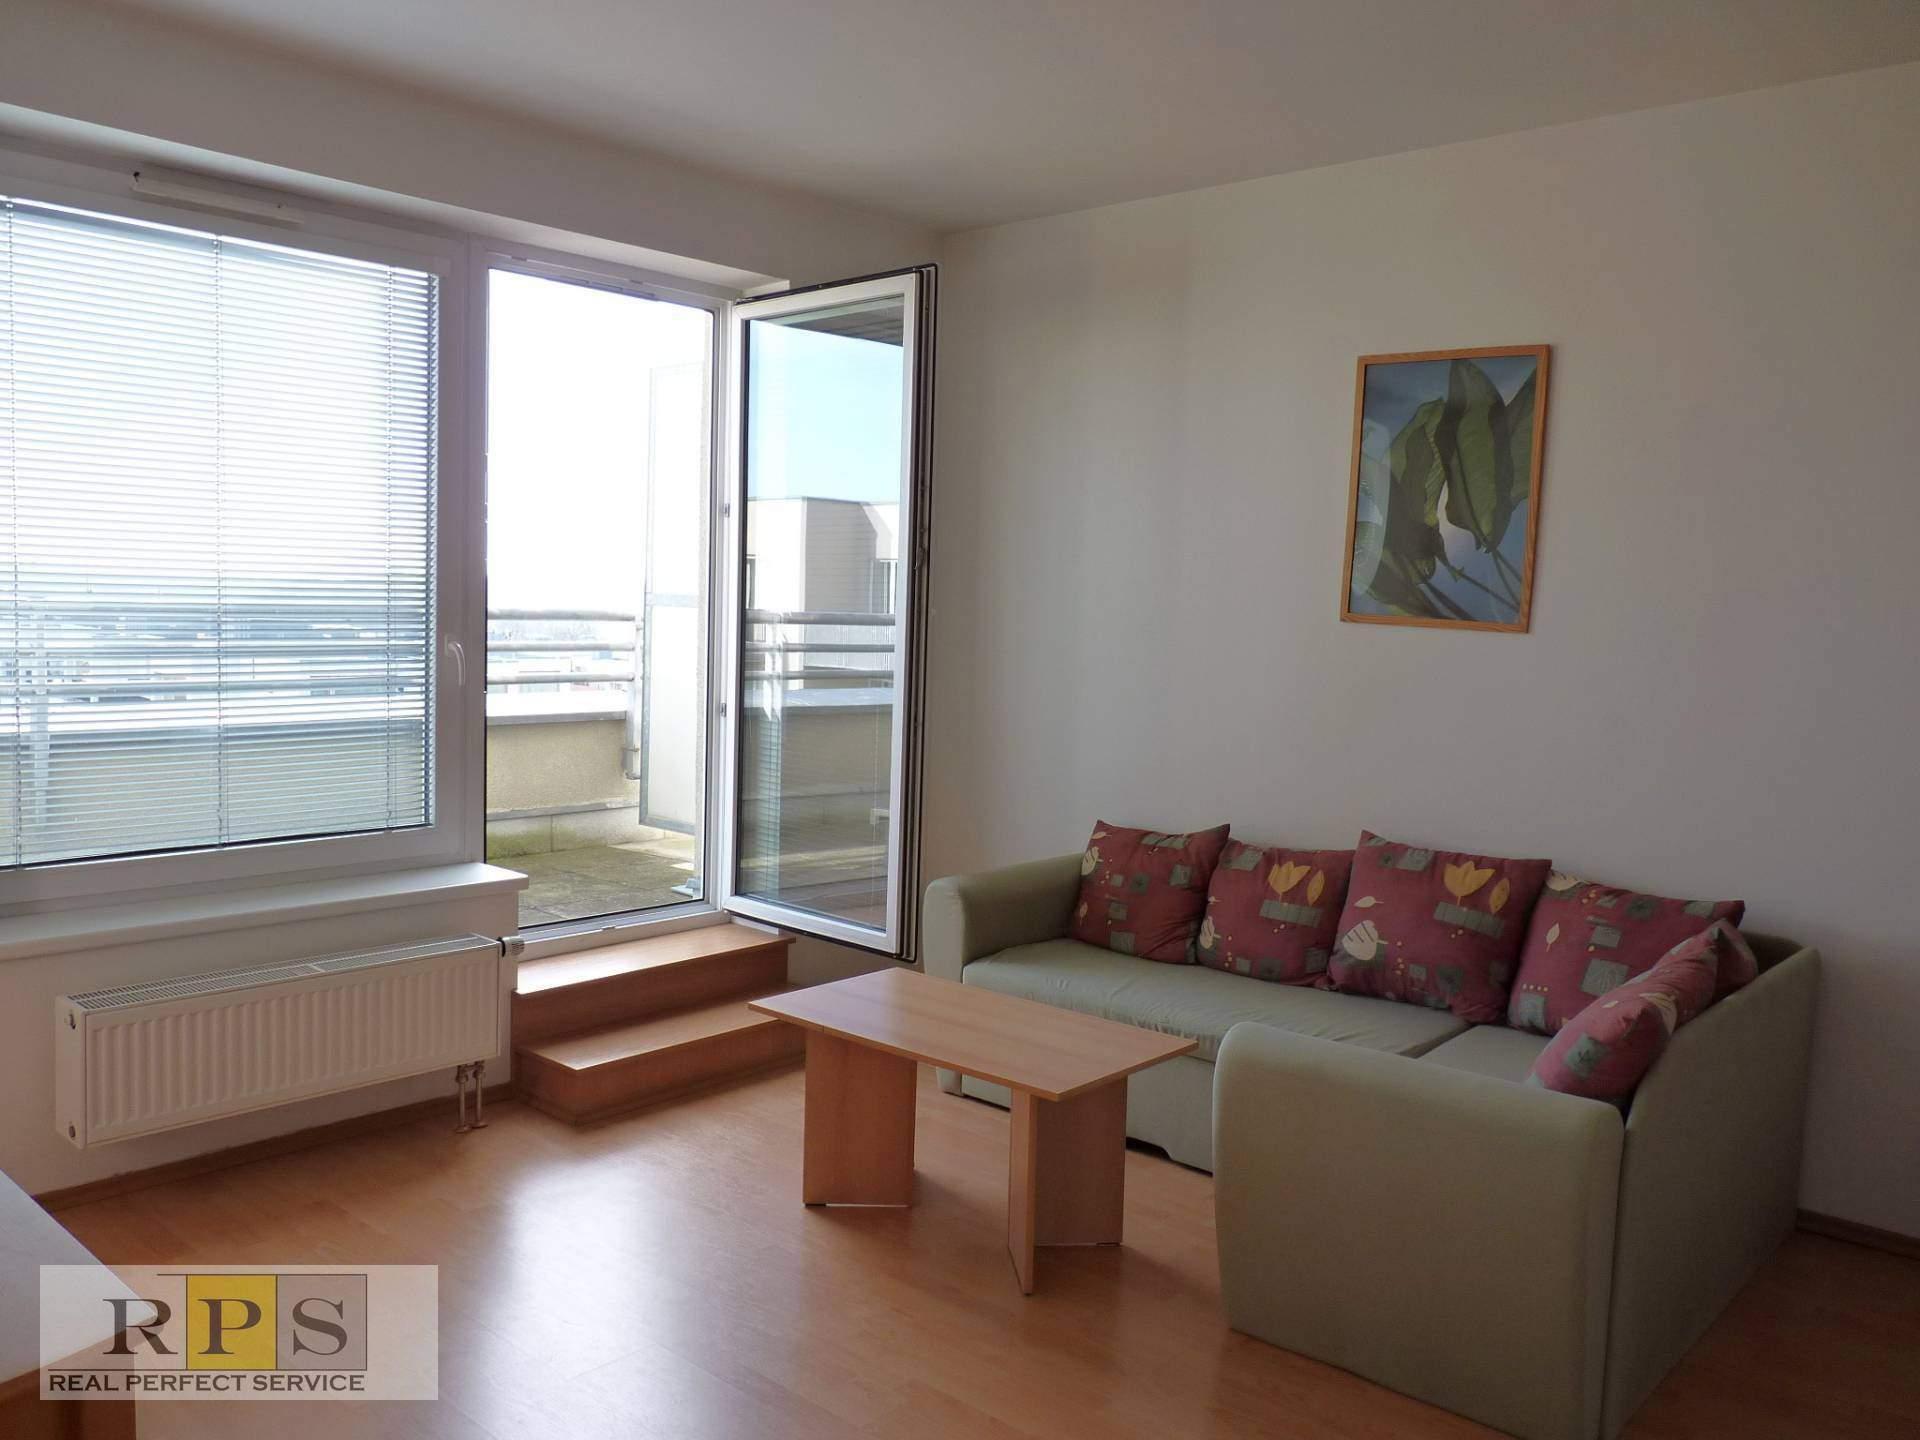 Pěkný byt 2 + KK / T / GS, 60 m2 OV ul. Za zámečkem, Praha 5 - Jinonice